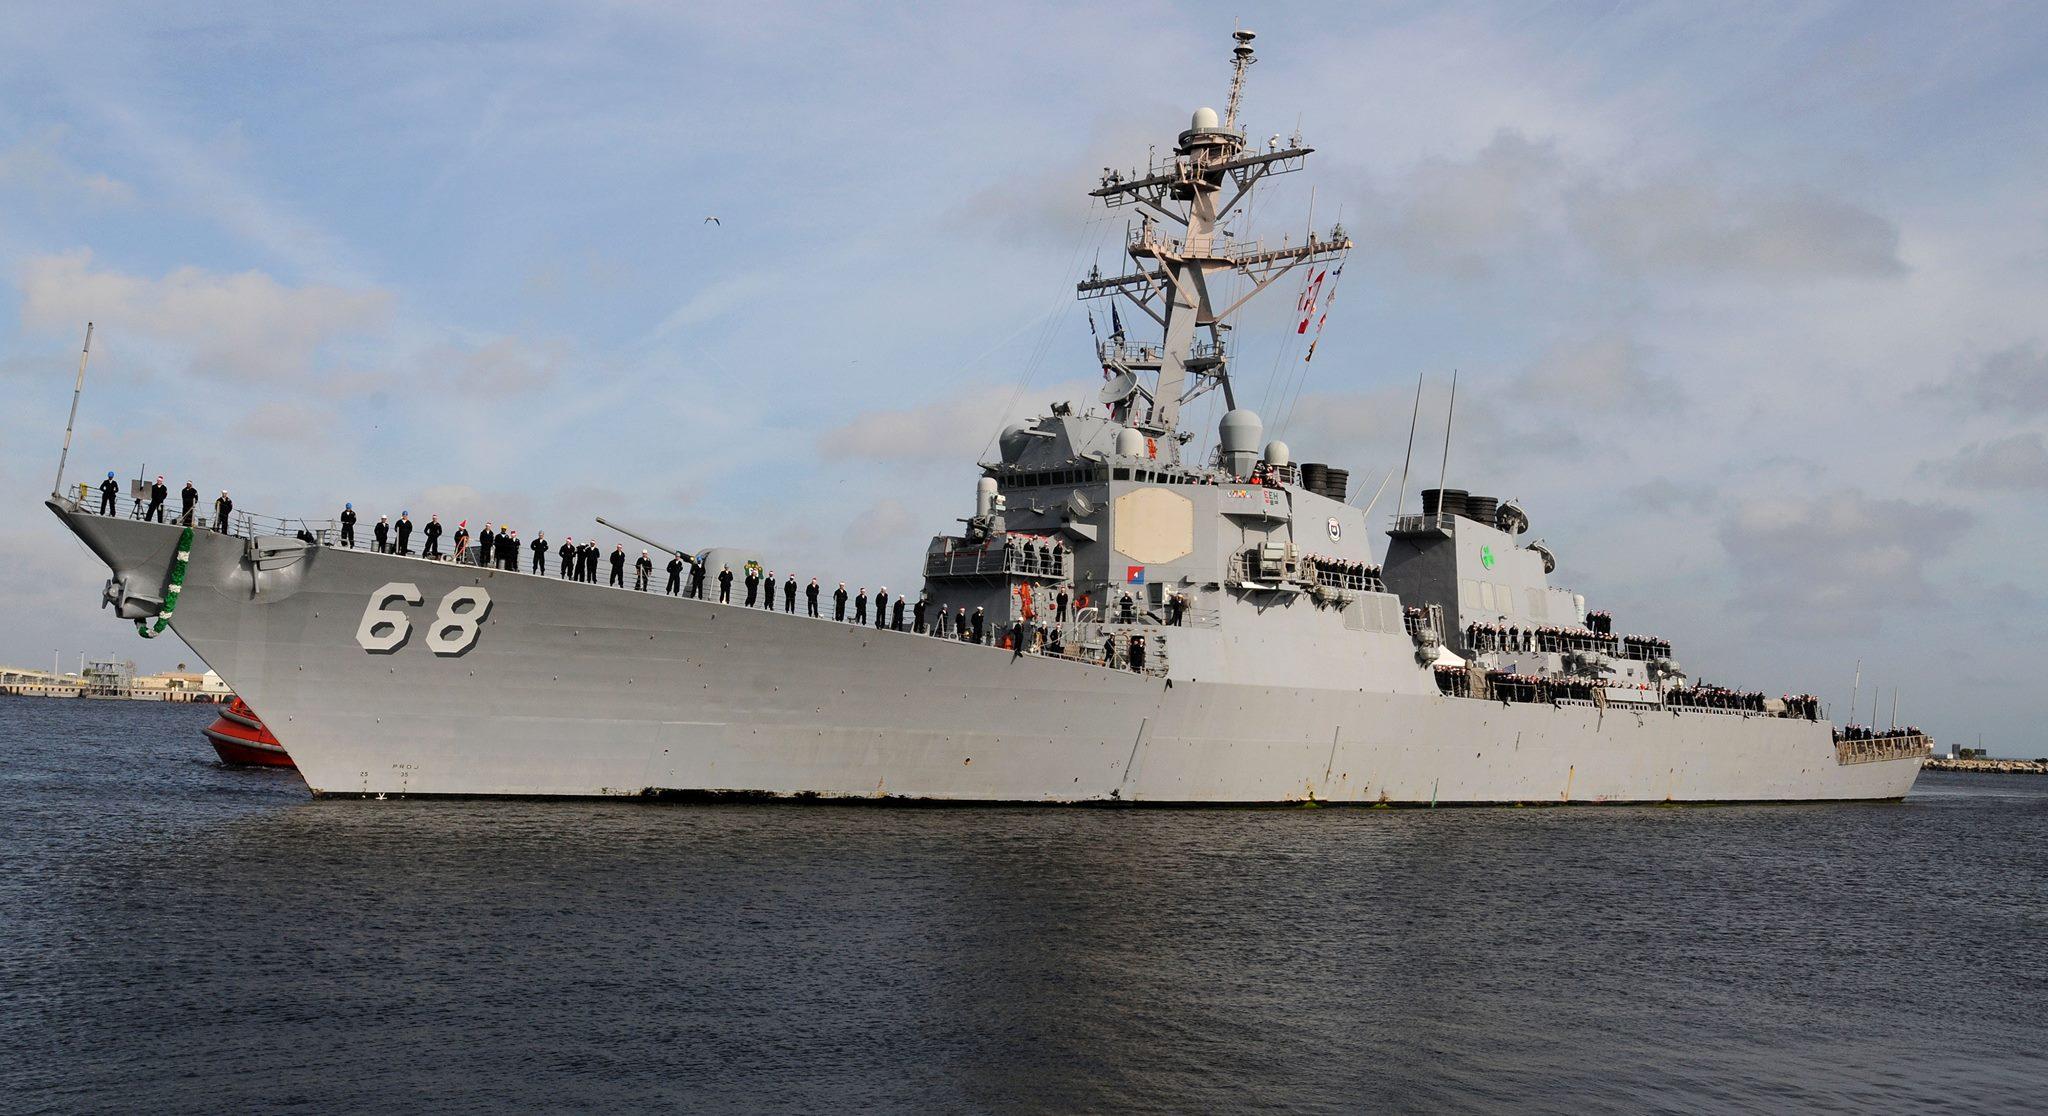 USS THE SULLIVANS DDG-68 Einlaufen Mayport 22.12.2013 Bild: U.S. Navy